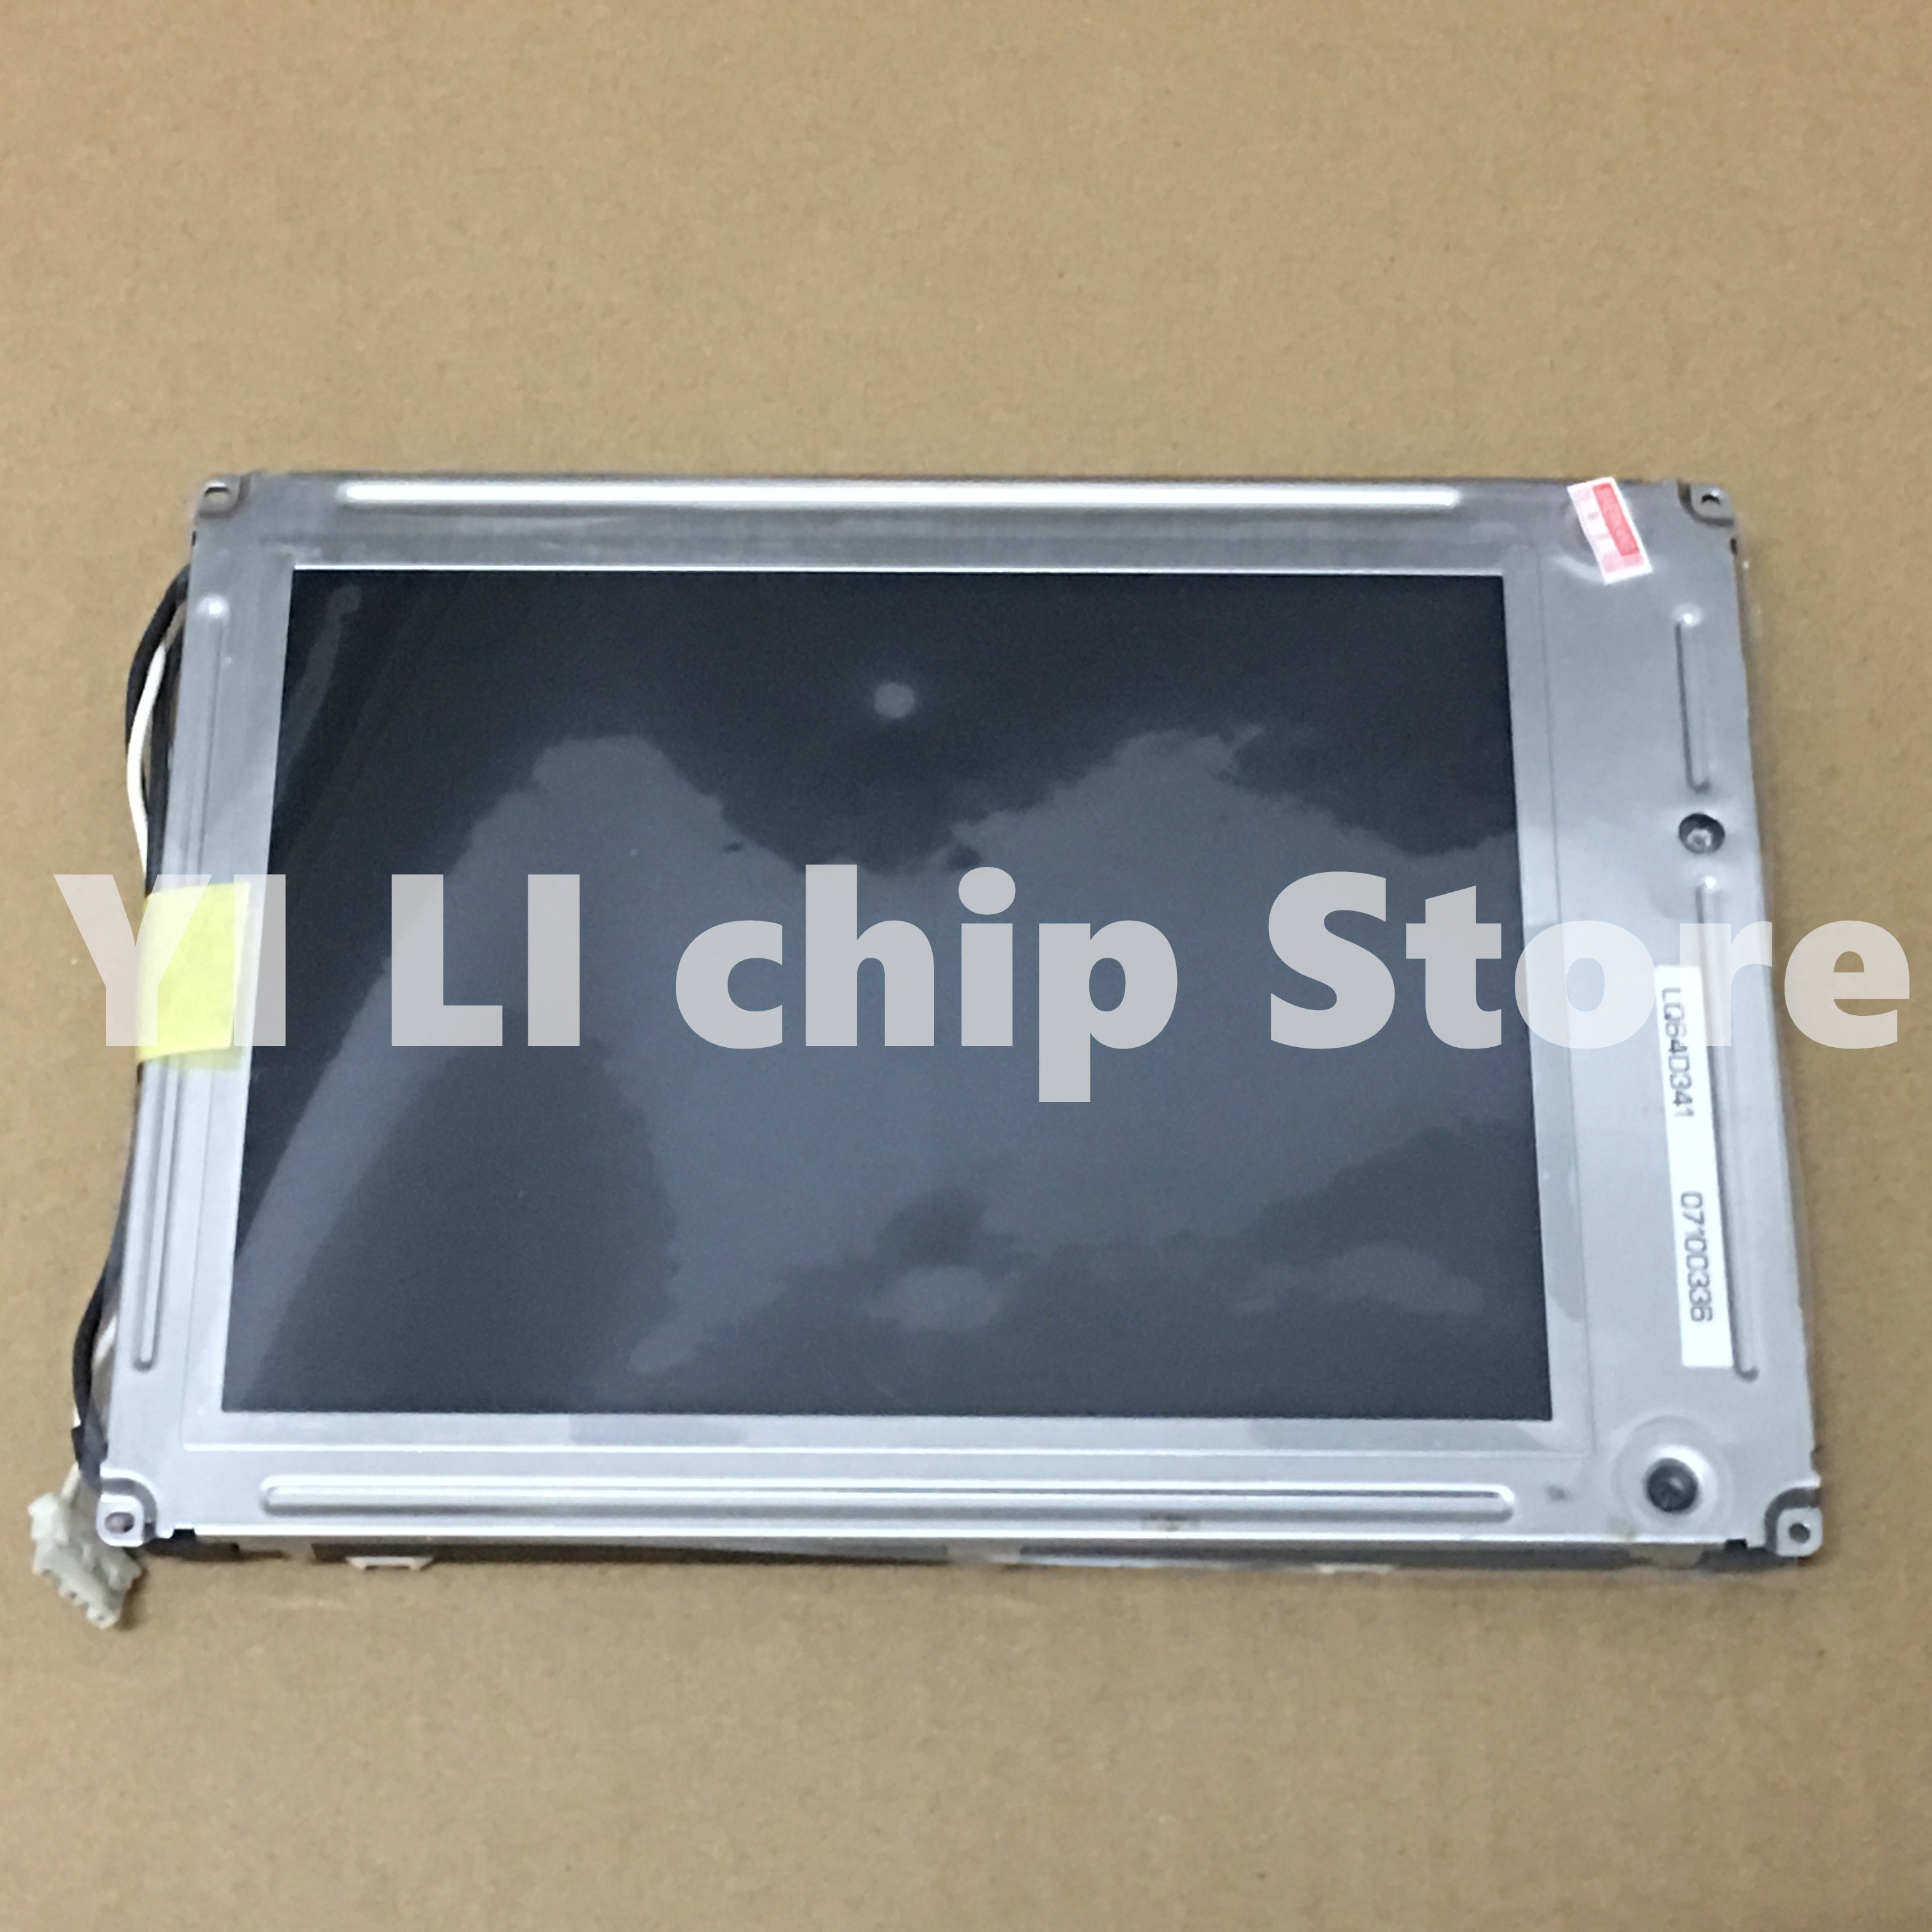 Prueba de 100% LQ64D341 pantalla LCD Original de 6,4 pulgadas para el probador de teléfono móvil YOKOGAWA VC200